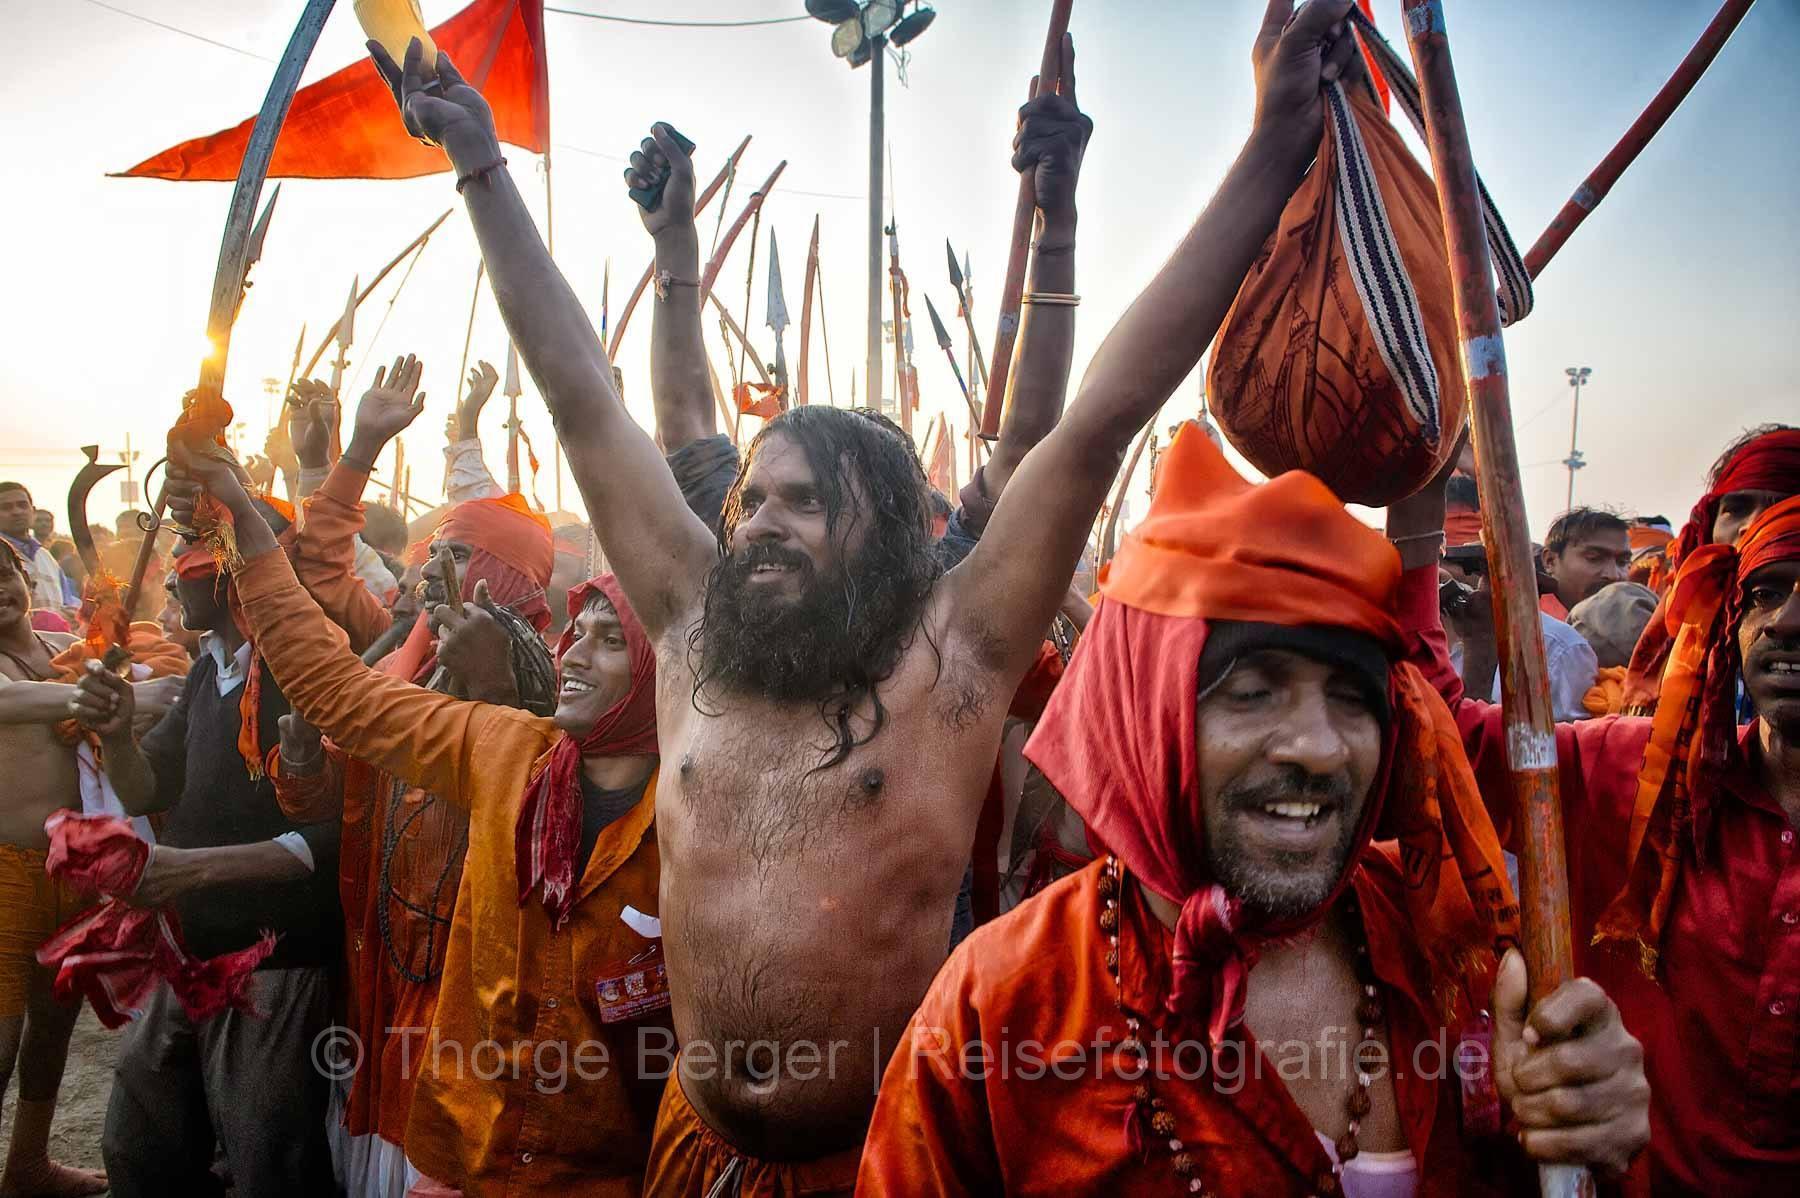 Glückliche Sadhus und Pilger nach ihrem heiligen Bad - Kumbh Mela 2013 in Allahabad